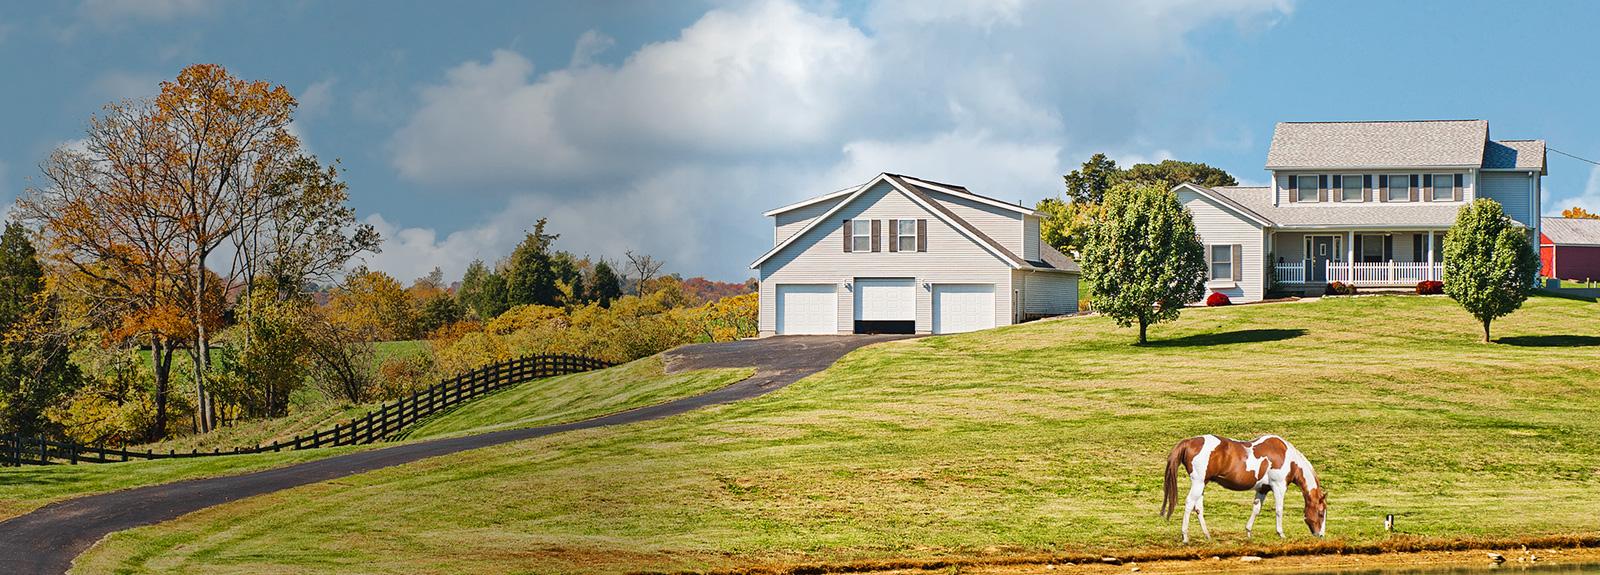 Kentucky home warranty company reviews